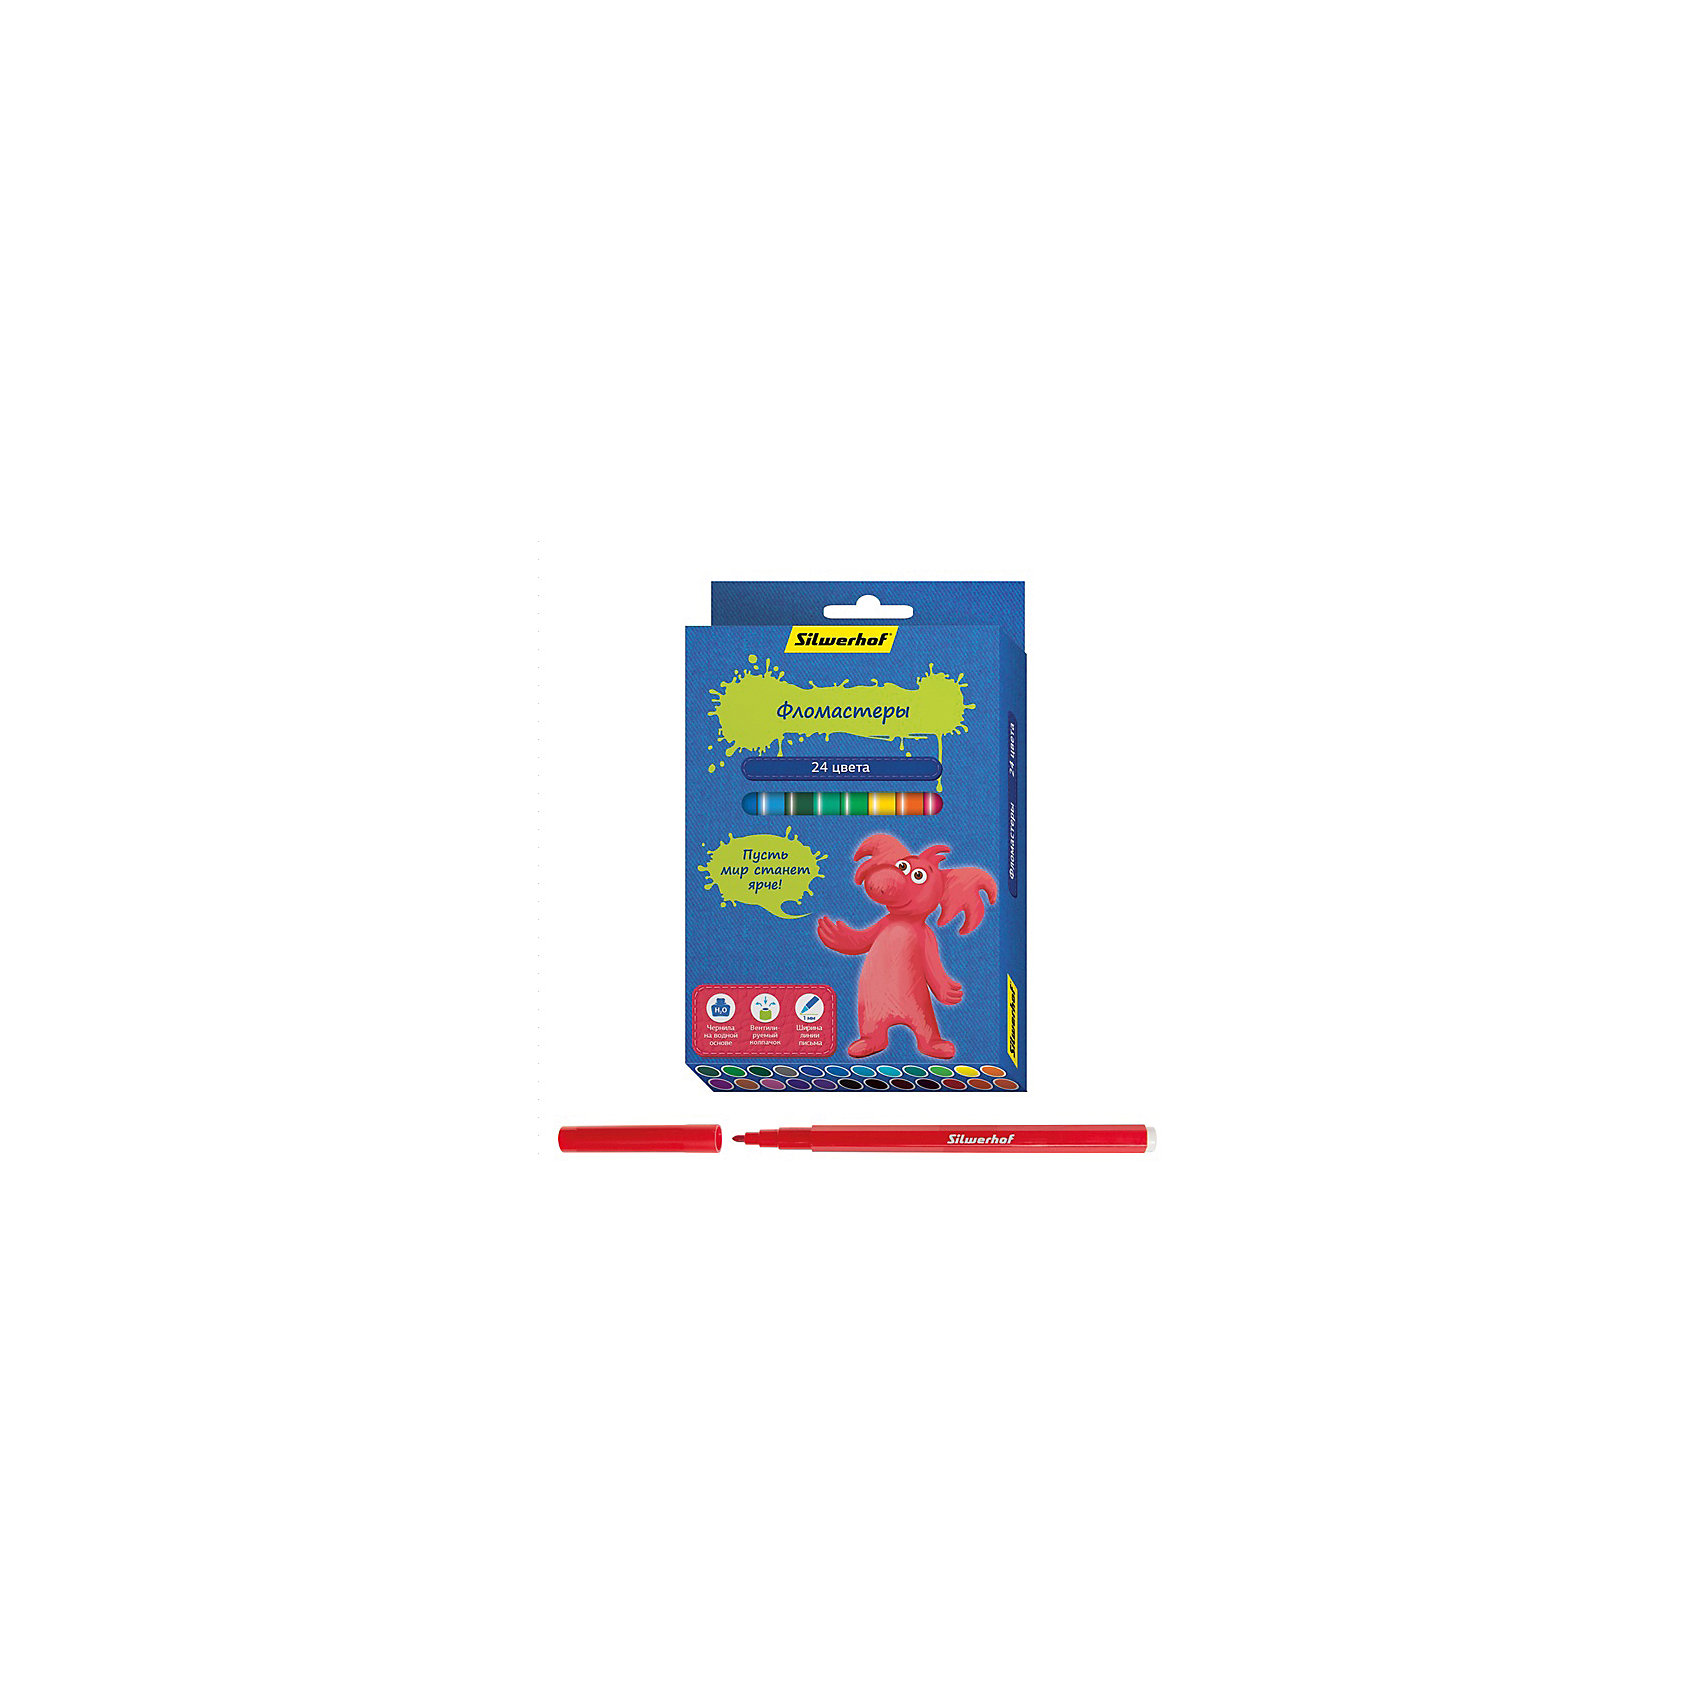 Фломастеры, 24цв, ДЖИНСОВАЯ КОЛЛЕКЦИЯХарактеристики товара:<br><br>• материал: пластик<br>• комплектация: 24 шт<br>• вентилируемый колпачок<br>• упаковка: картонная коробка<br>• круглые<br>• размер фломастера: 8х129 мм<br>• страна бренда: Российская Федерация<br>• страна производства: Китай<br><br>Сделать творчество и учебу интереснее для ребенка поможет этот набор цветных фломастеров! Ими не только гораздо веселее рисовать, чем маленьким набором, такие фломастеры удобно хранить в картонной коробке. Они отличаются яркими цветами - ребенок будет в восторге!<br>Изделия качественно выполнены, сделаны из безопасных для детей материалов. Рисование помогает детям лучше развить мелкую моторику, память, внимание, аккуратность и мышление. Такой набор - отличный подарок ребенку!<br><br>Фломастеры, 24 цв, ДЖИНСОВАЯ КОЛЛЕКЦИЯ, от бренда Silwerhof можно купить в нашем интернет-магазине.<br><br>Ширина мм: 155<br>Глубина мм: 110<br>Высота мм: 20<br>Вес г: 139<br>Возраст от месяцев: 36<br>Возраст до месяцев: 144<br>Пол: Унисекс<br>Возраст: Детский<br>SKU: 5020510